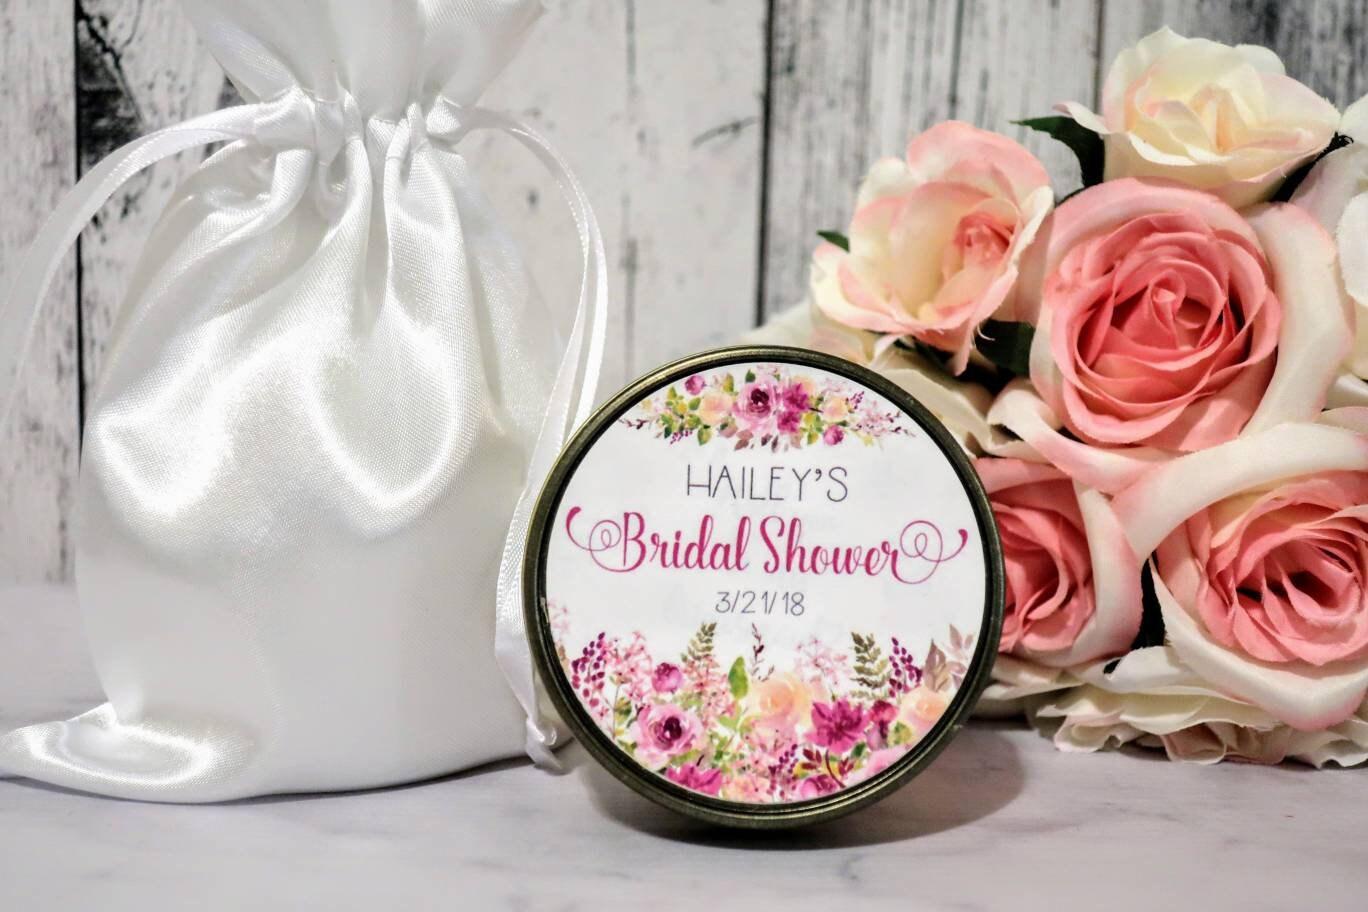 Bridal Shower Favors - Floral Bridal Shower Favors - Bridal Shower ...